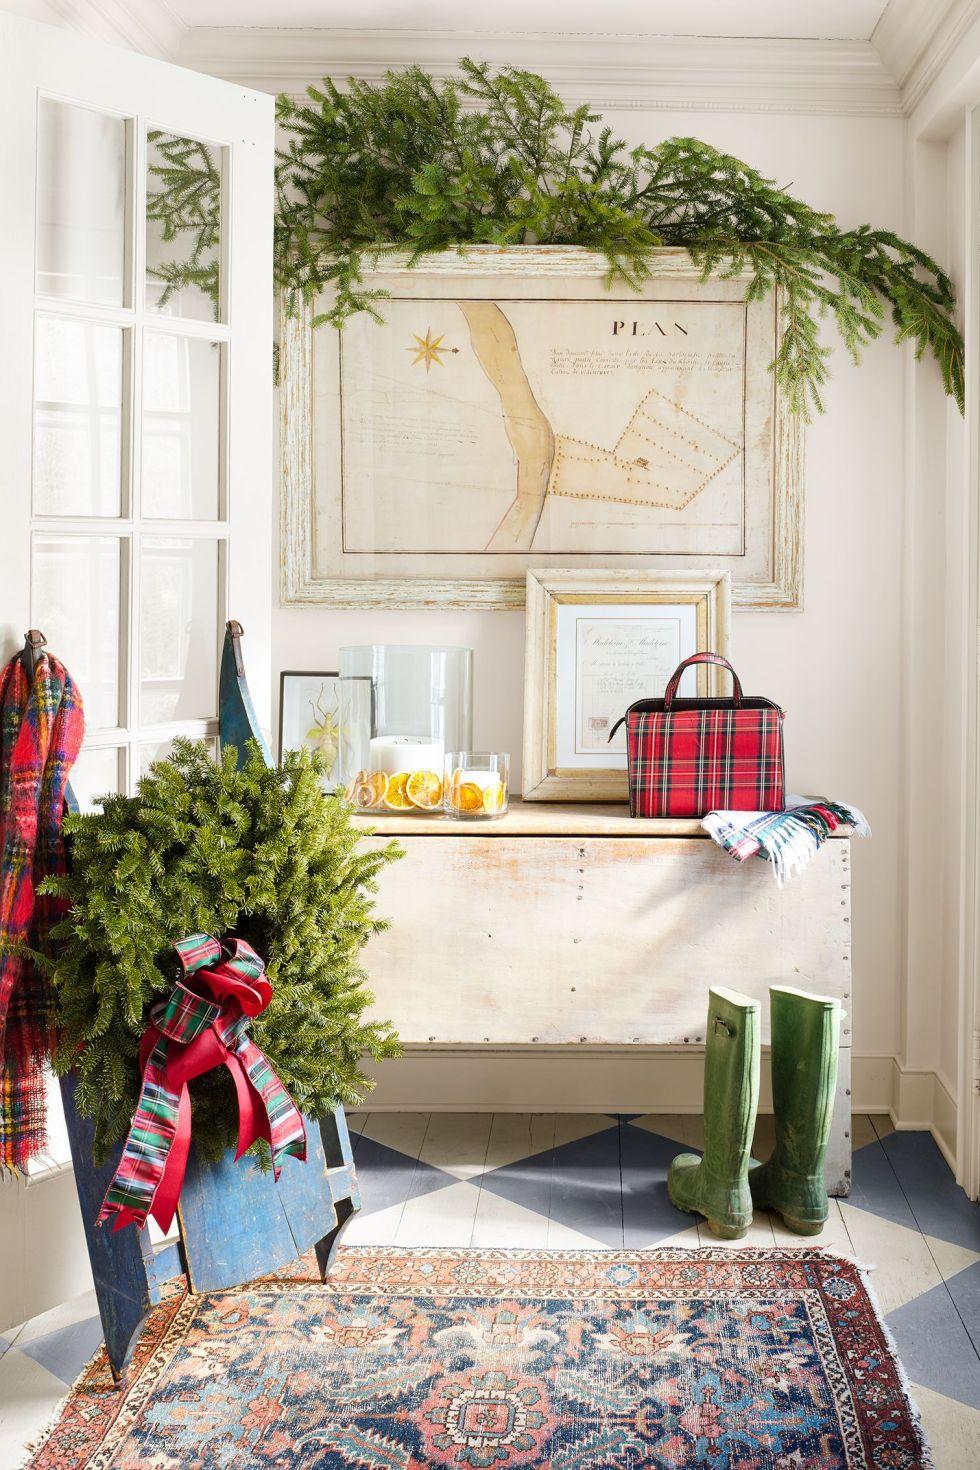 décorations de noël, vert, design d'intérieur, meubles, rouge, Accueil, propriété, maison, mur, arbre,